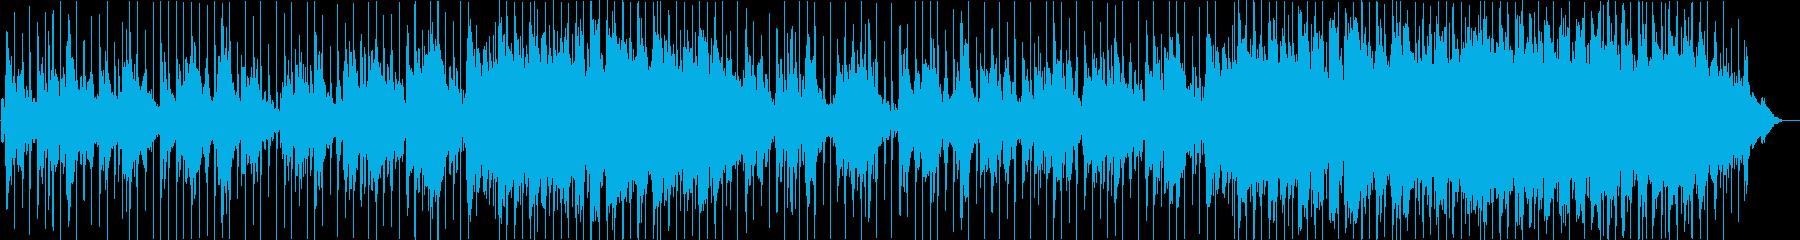 DreamyローファイHiphopの再生済みの波形